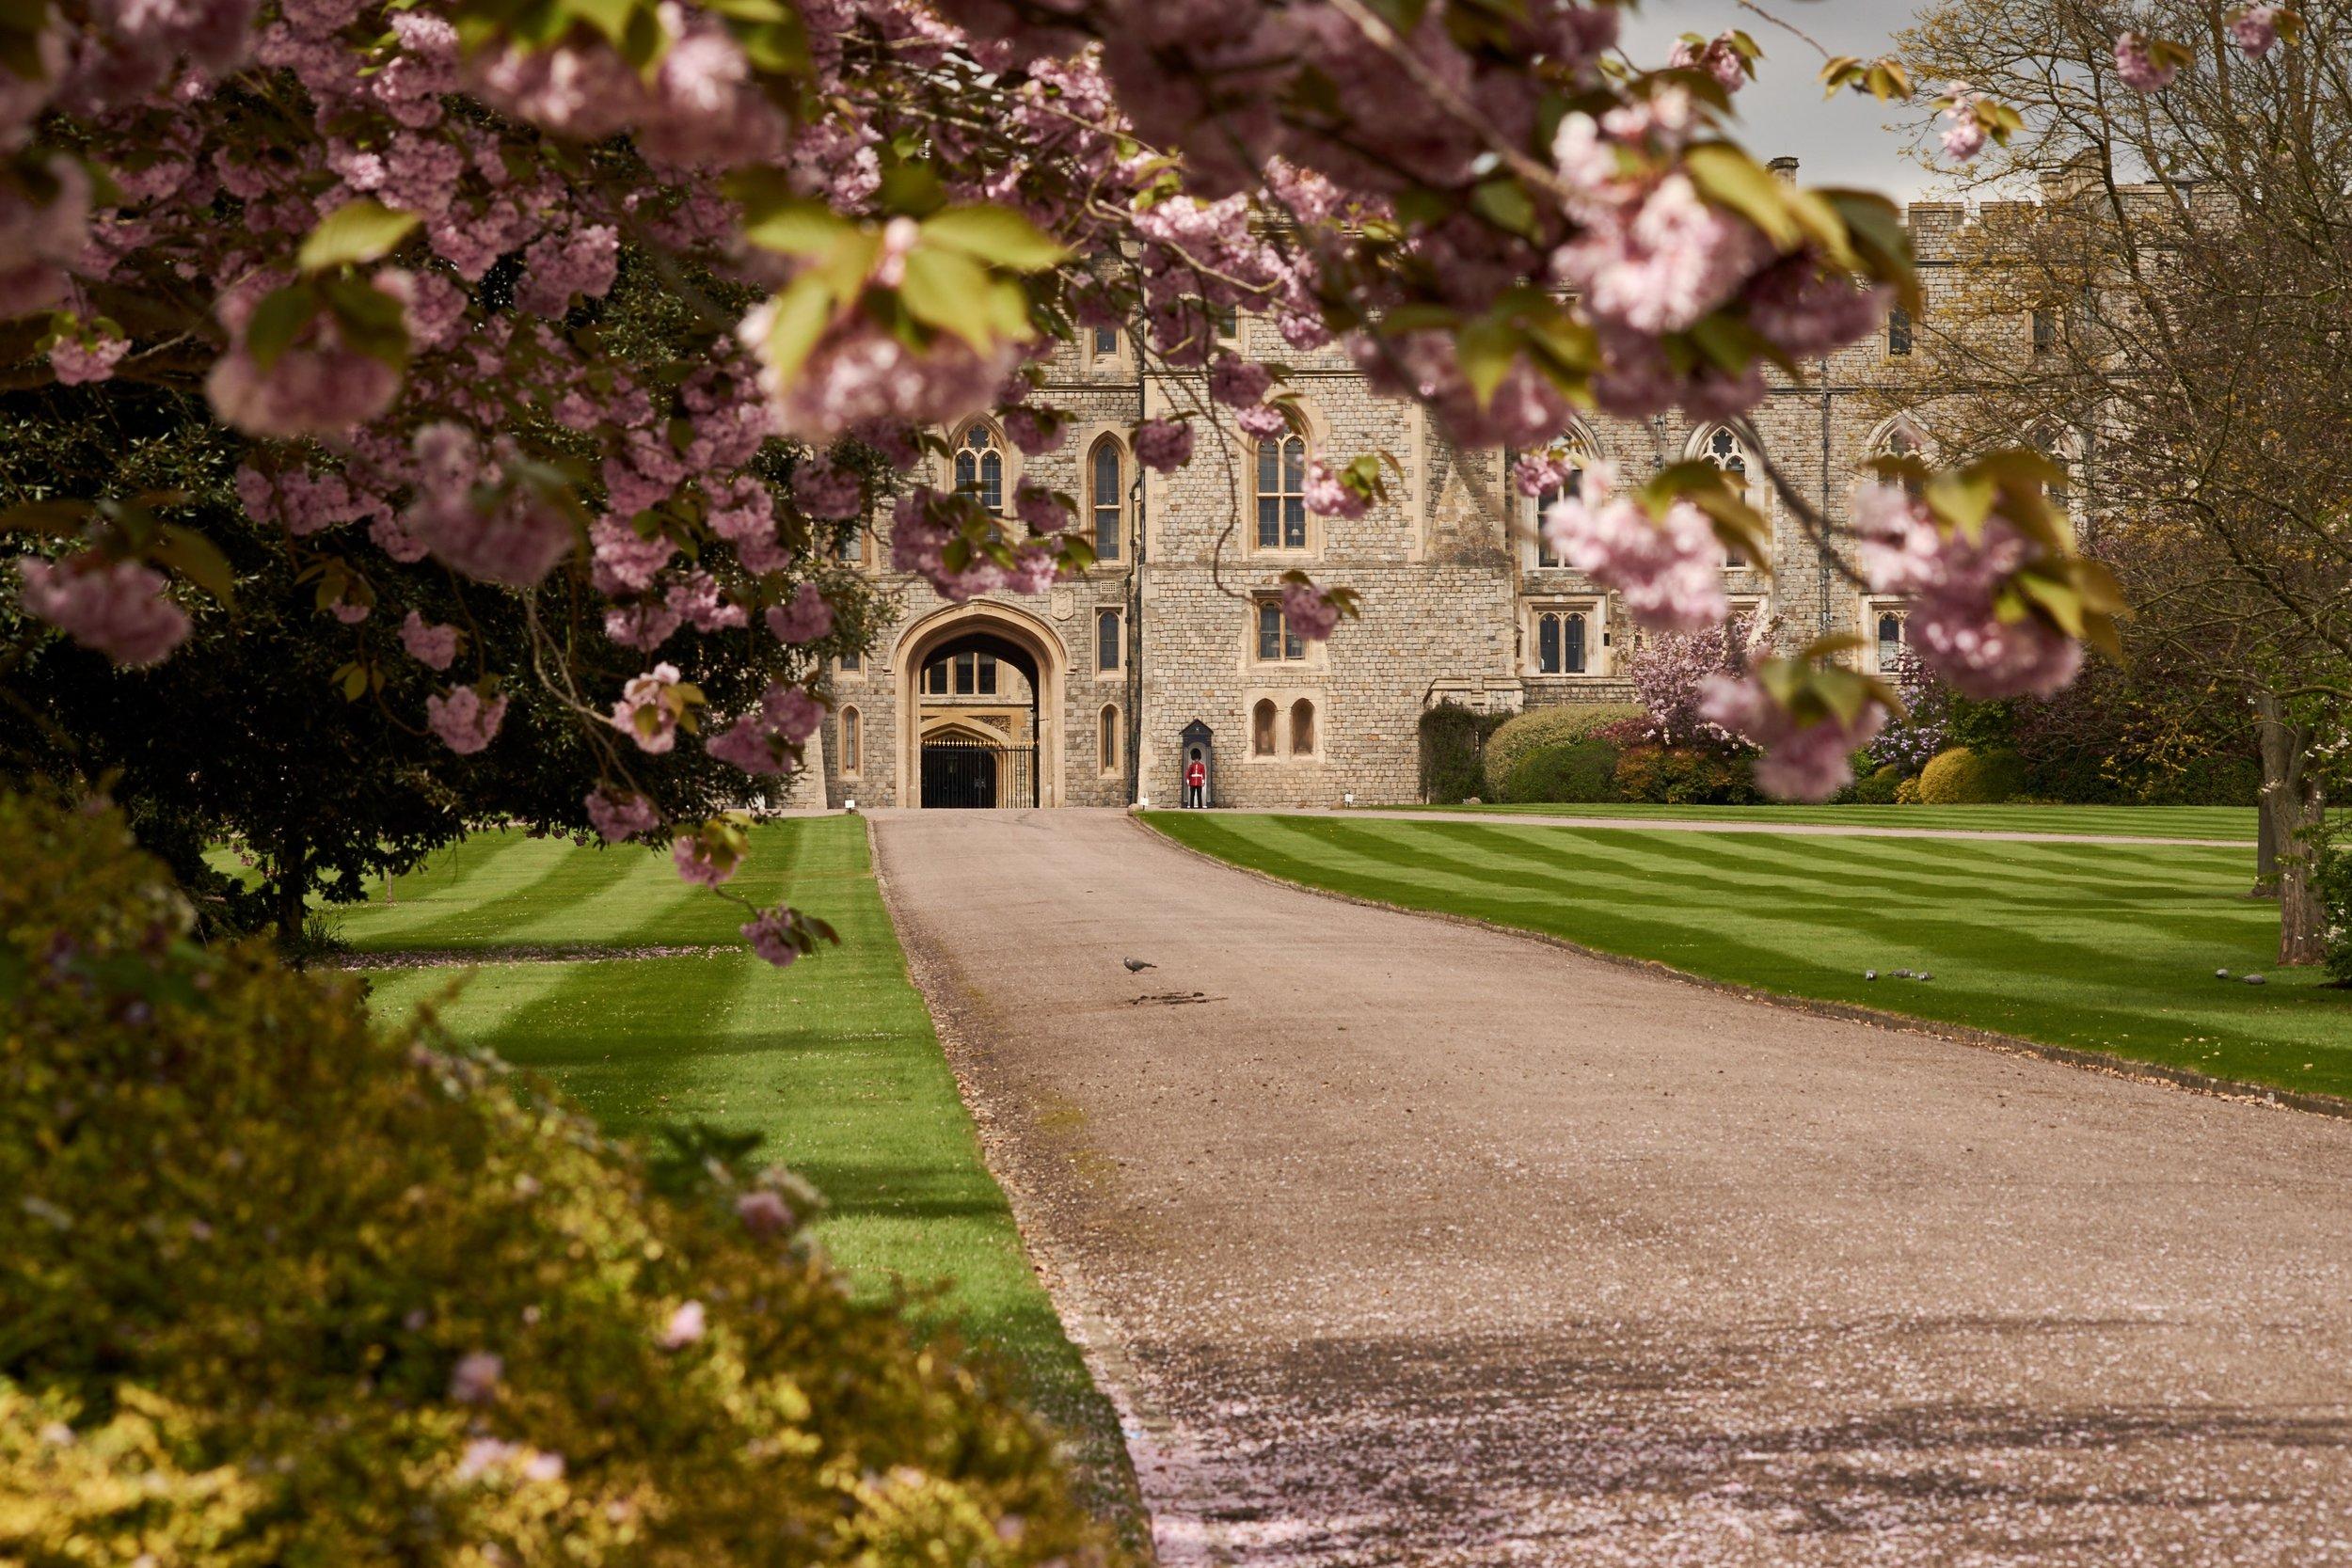 Il castello di Windsor, ospiterà il matrimonio del principe Harry e Megan Markle. Foto di JJ Jordan